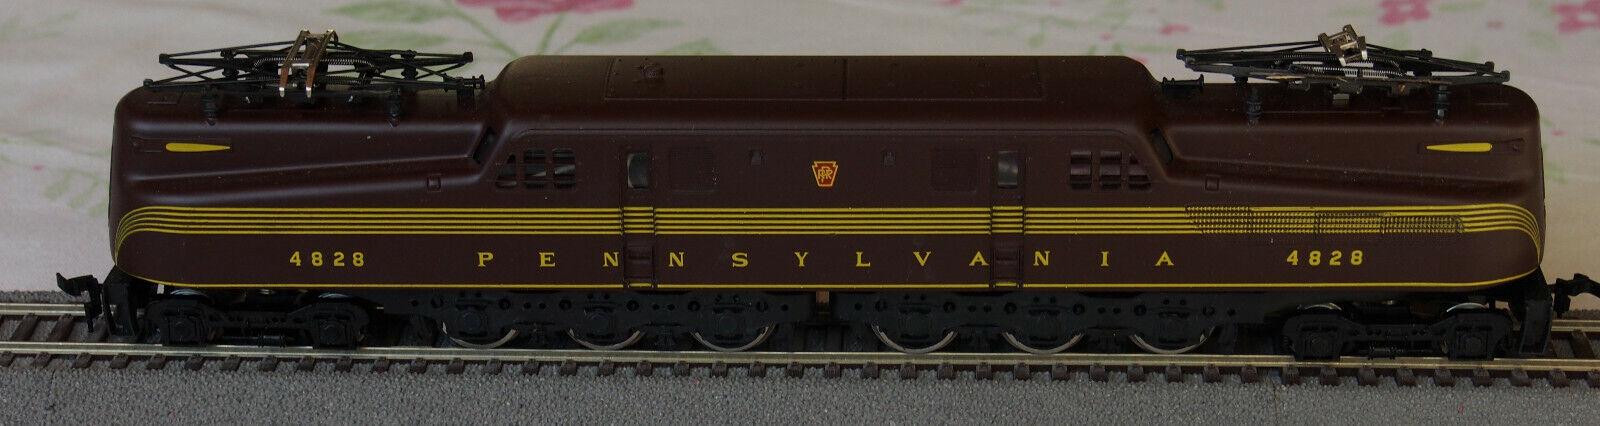 E-Lok GG1 Nr. 4828 der Pennsylvania A.H.M. (A104)